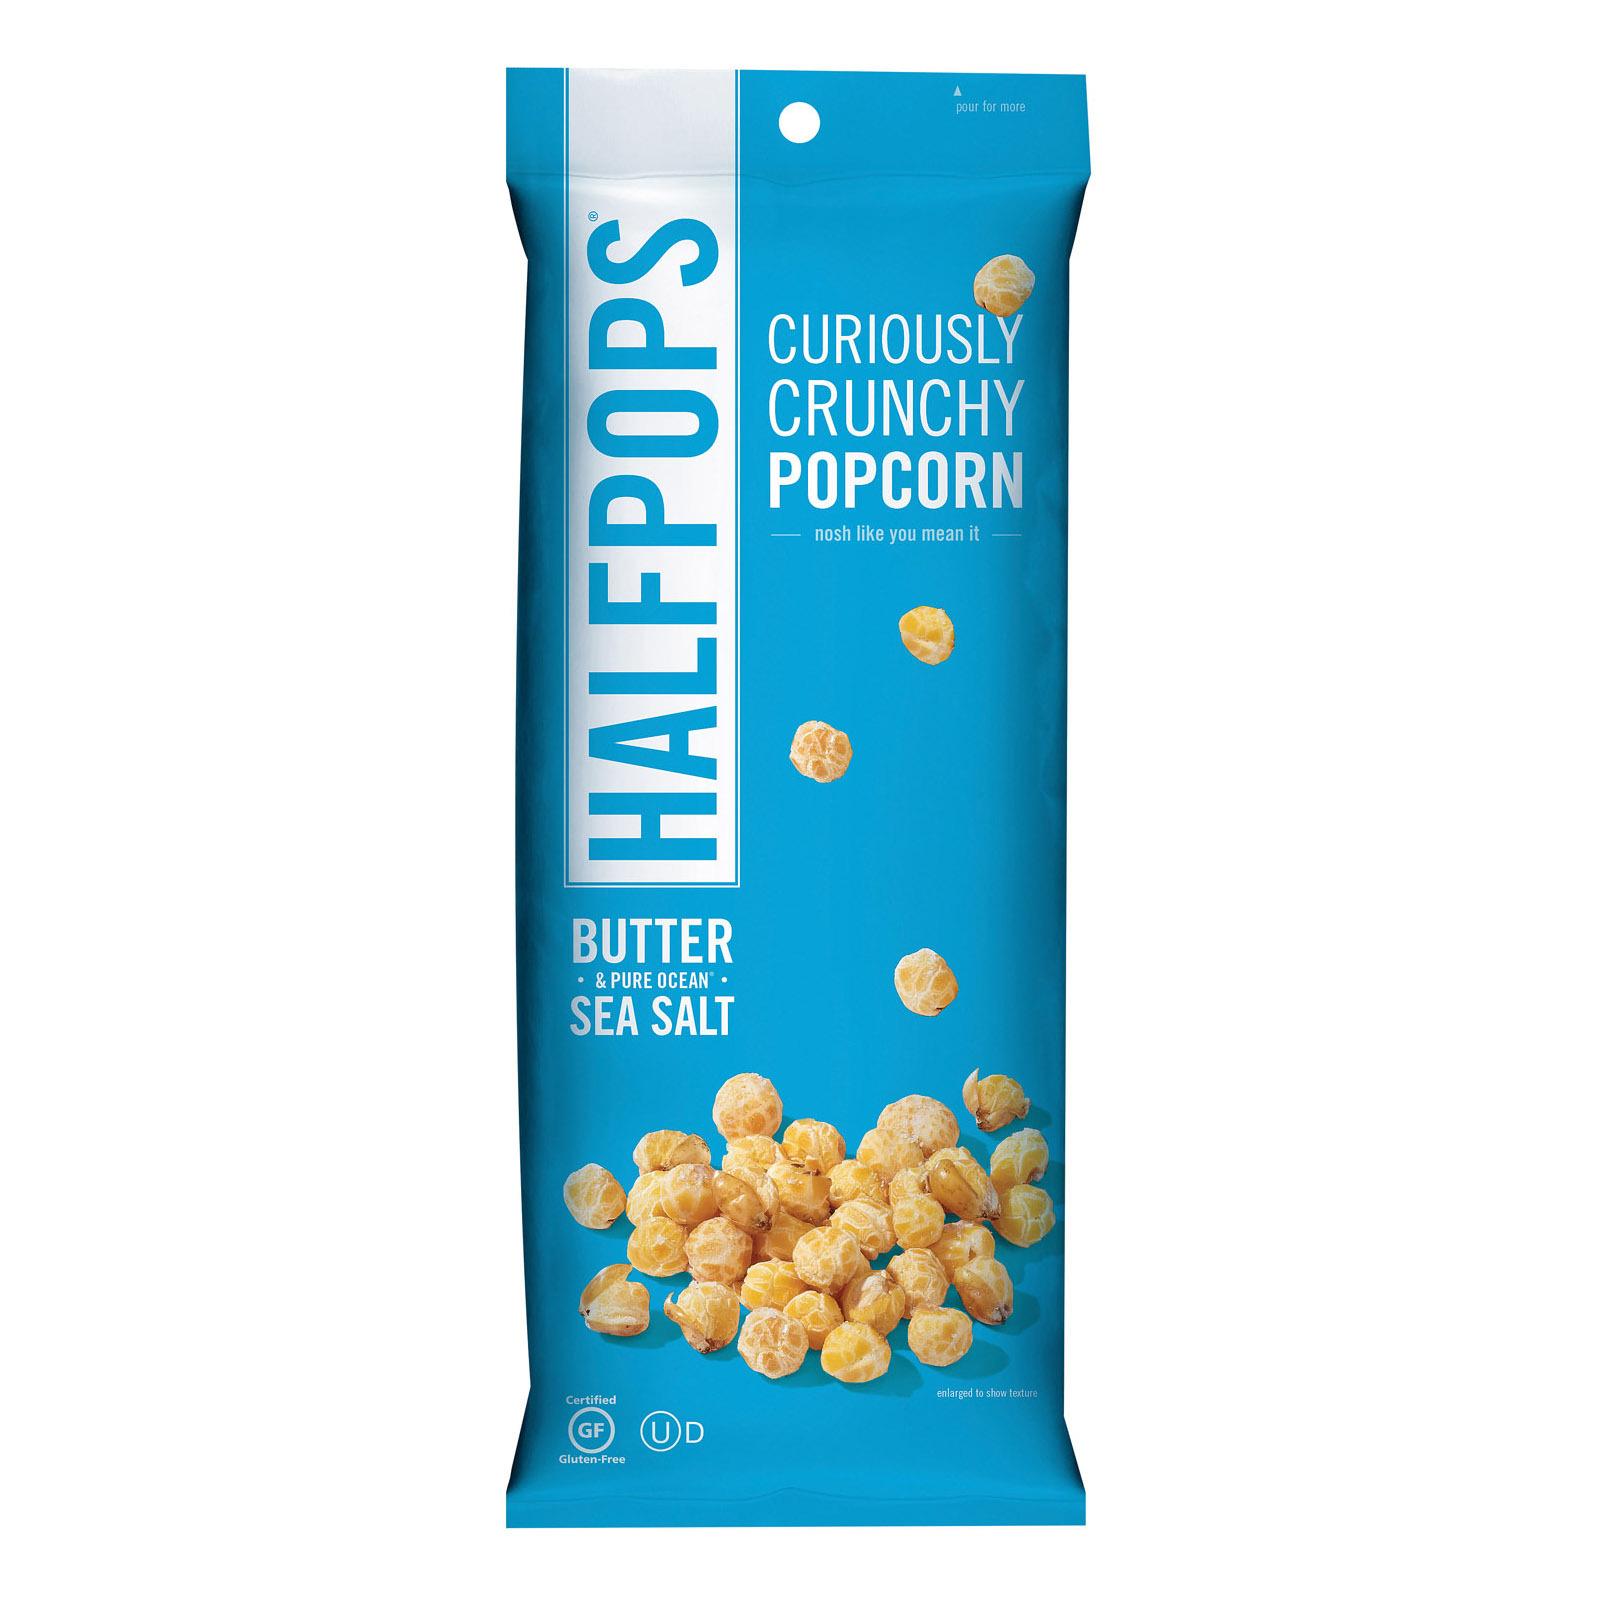 Halfpops Popcorn - Butter & Ocean Sea Salt - Case of 12 - 4.5 oz